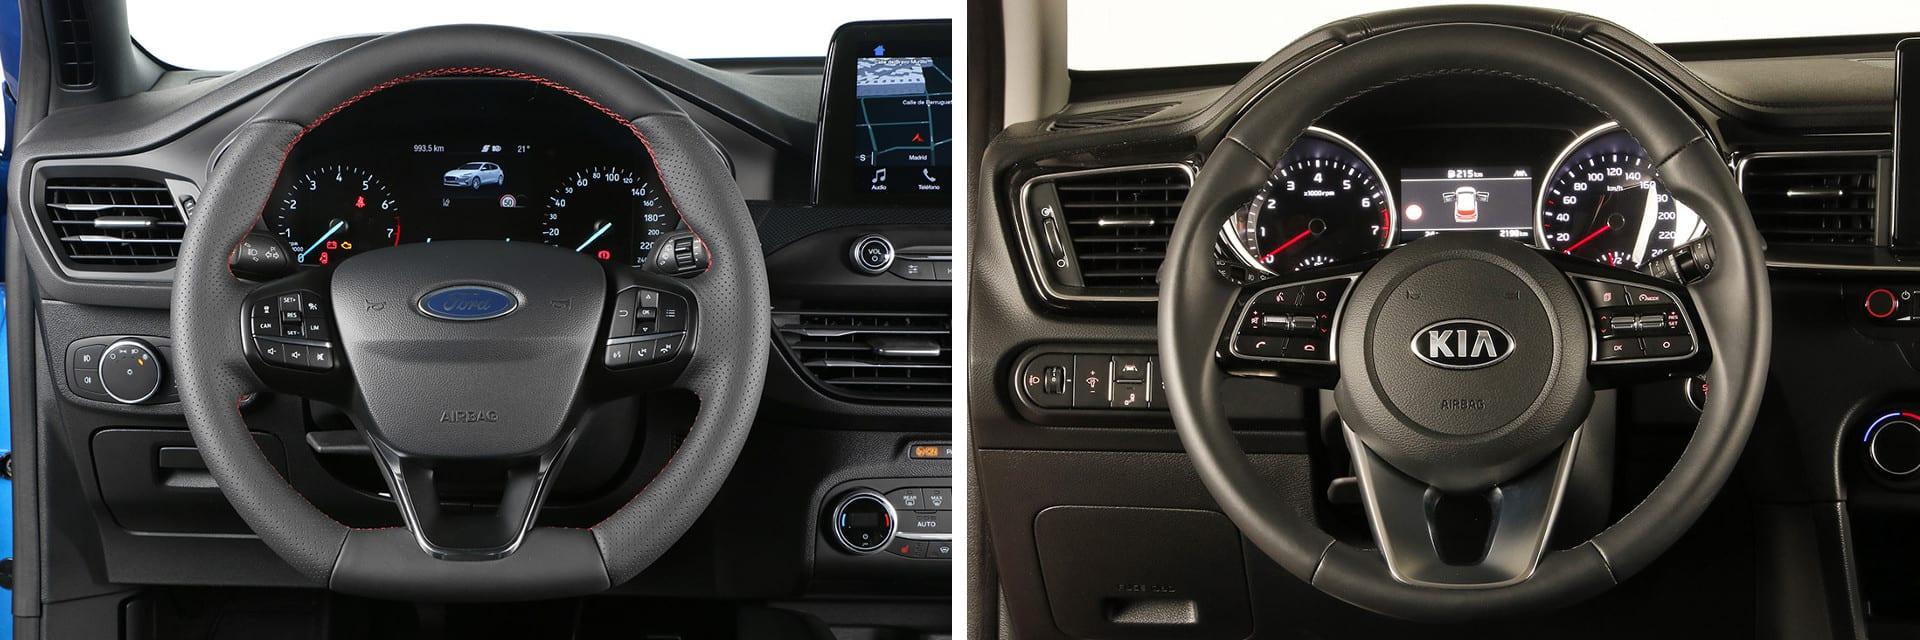 Ambos volantes tienen varias posiciones de ajuste para facilitar una postura de conducción más cómoda.